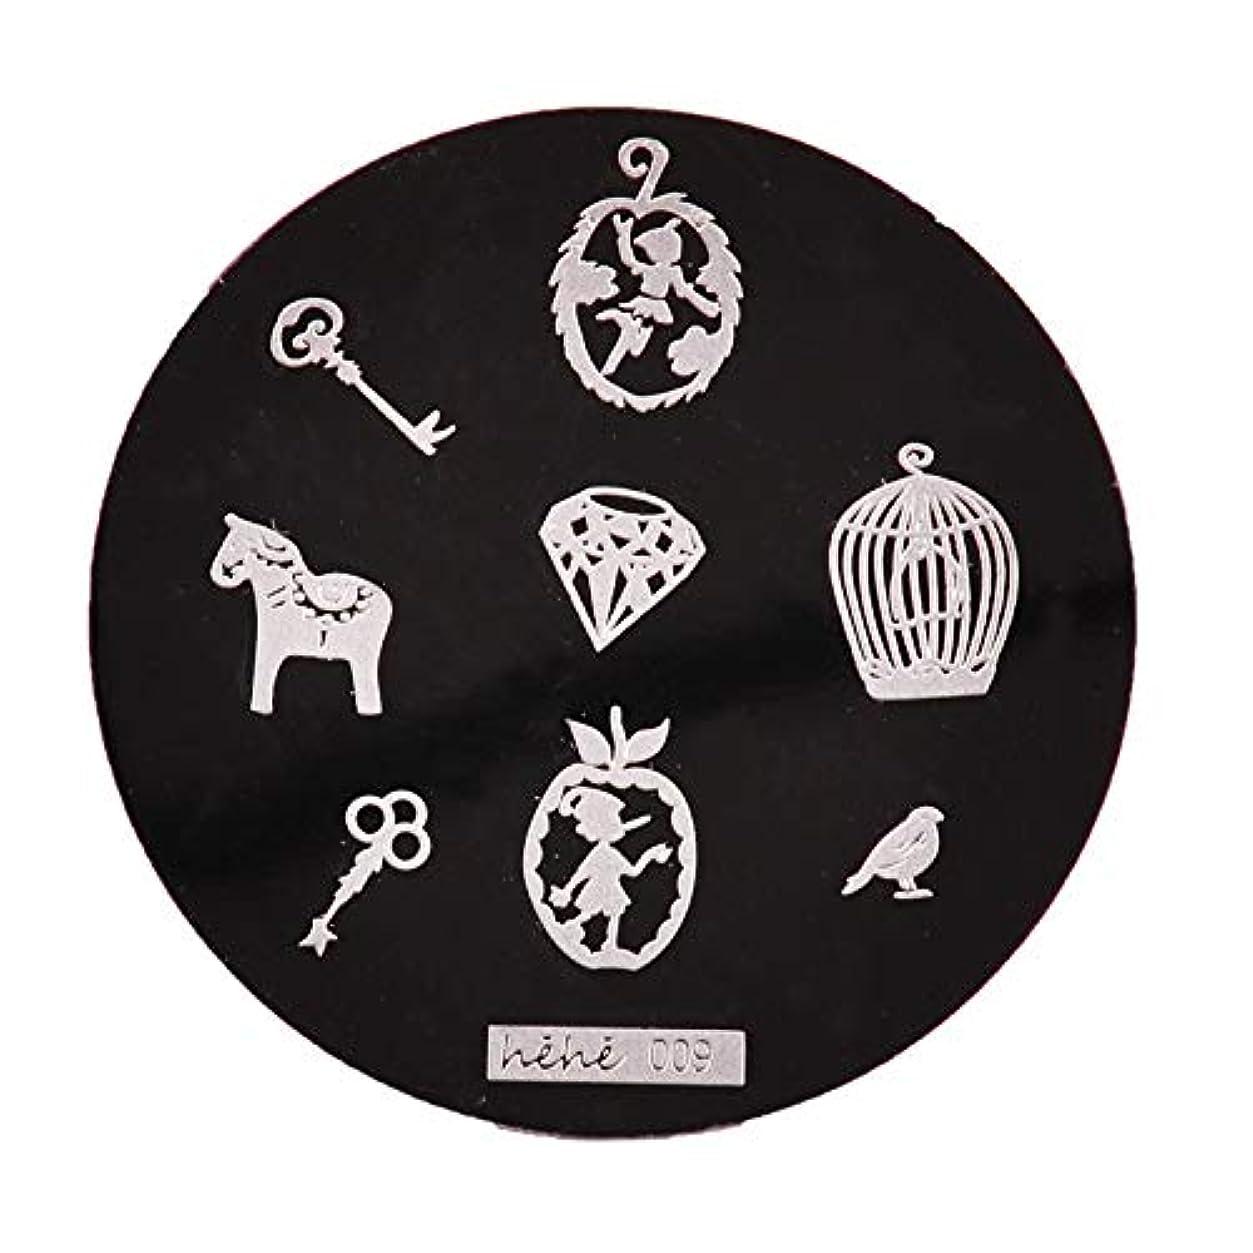 くすぐったい戸惑う行商Yoshilimen スマートネイルアートネイル丸板印刷プレート(None 09)